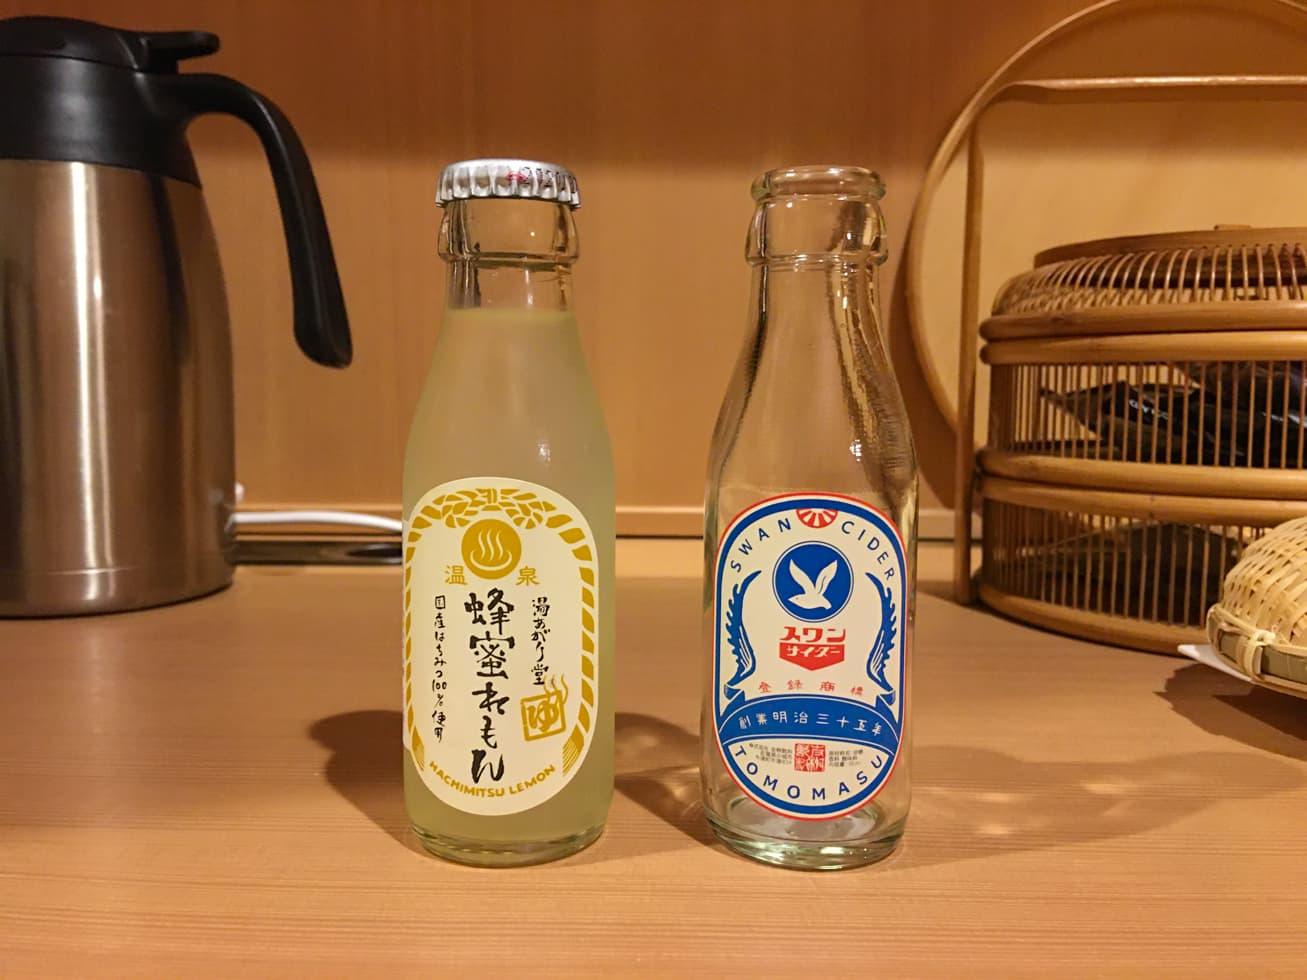 冷蔵庫の中の小さい飲み物の写真